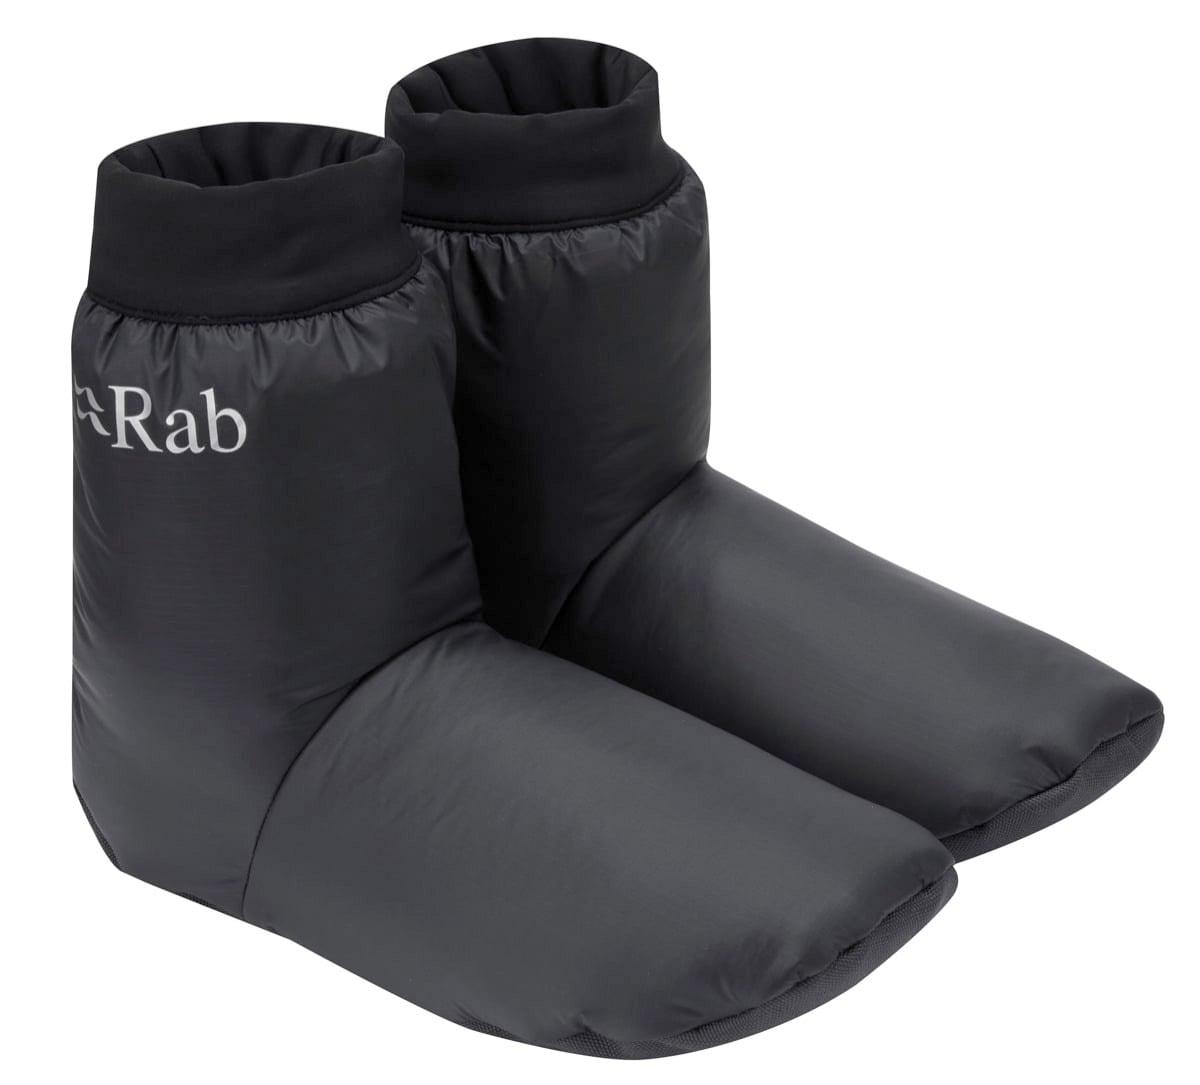 RAB Hot Socks